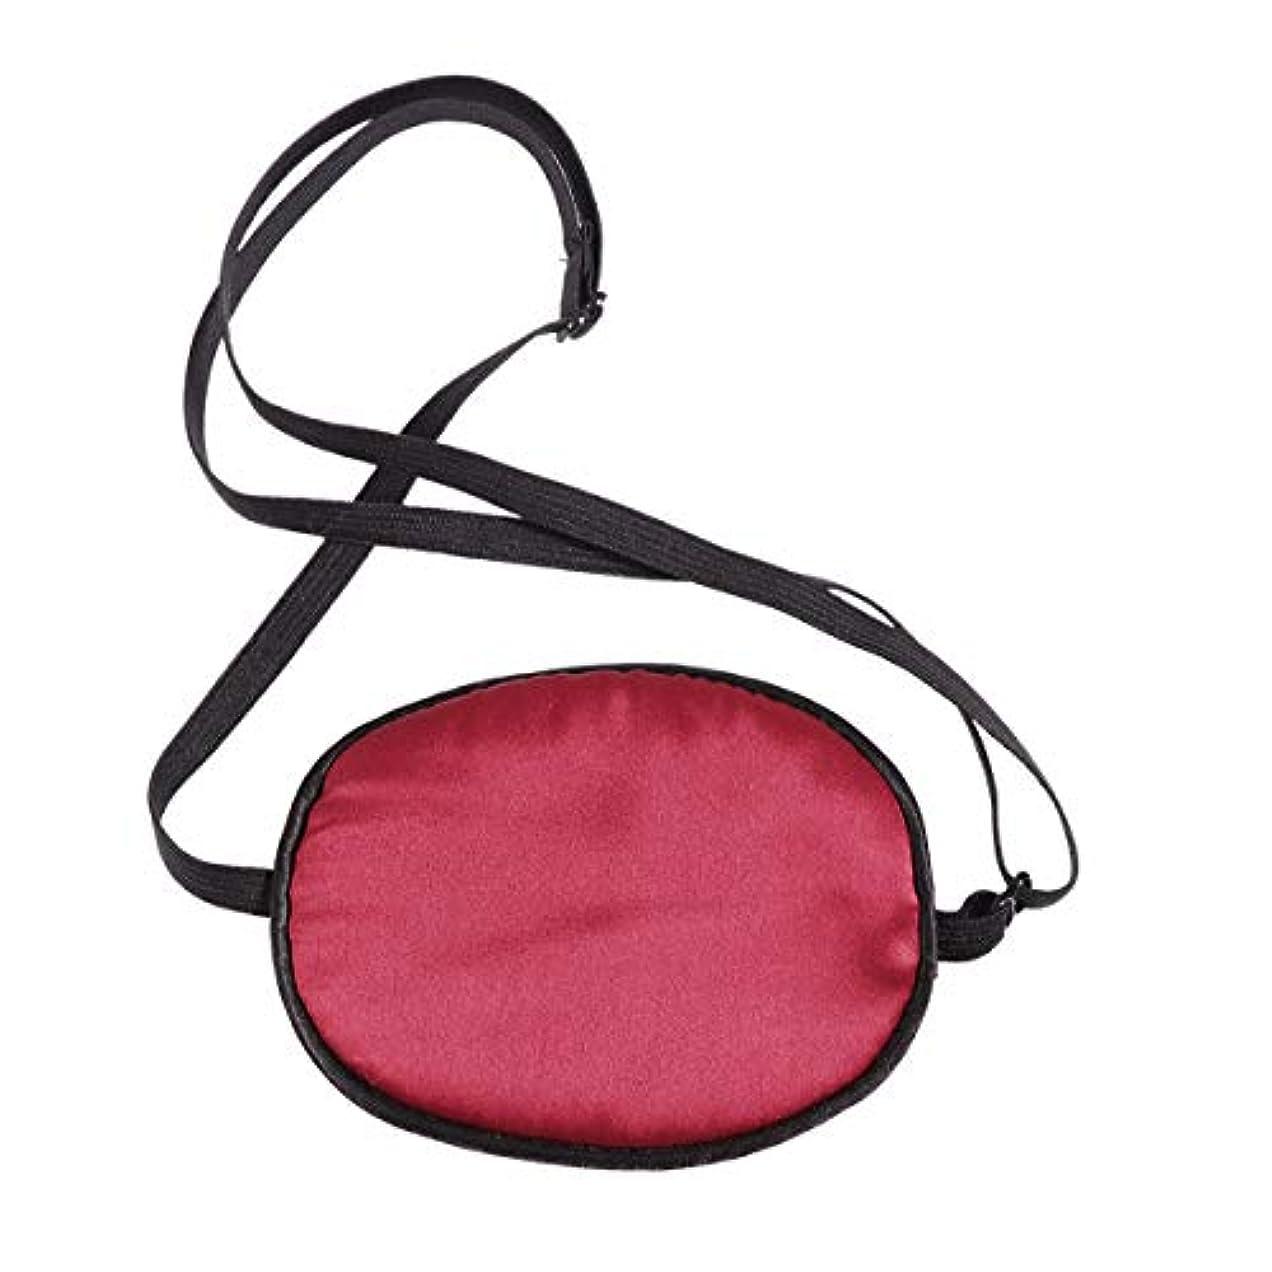 療法に付属品SUPVOX 調整可能なシルクパイレーツアイパッチキッズ弱視斜視用怠惰な目のためのソフトで快適なシングルアイマスク